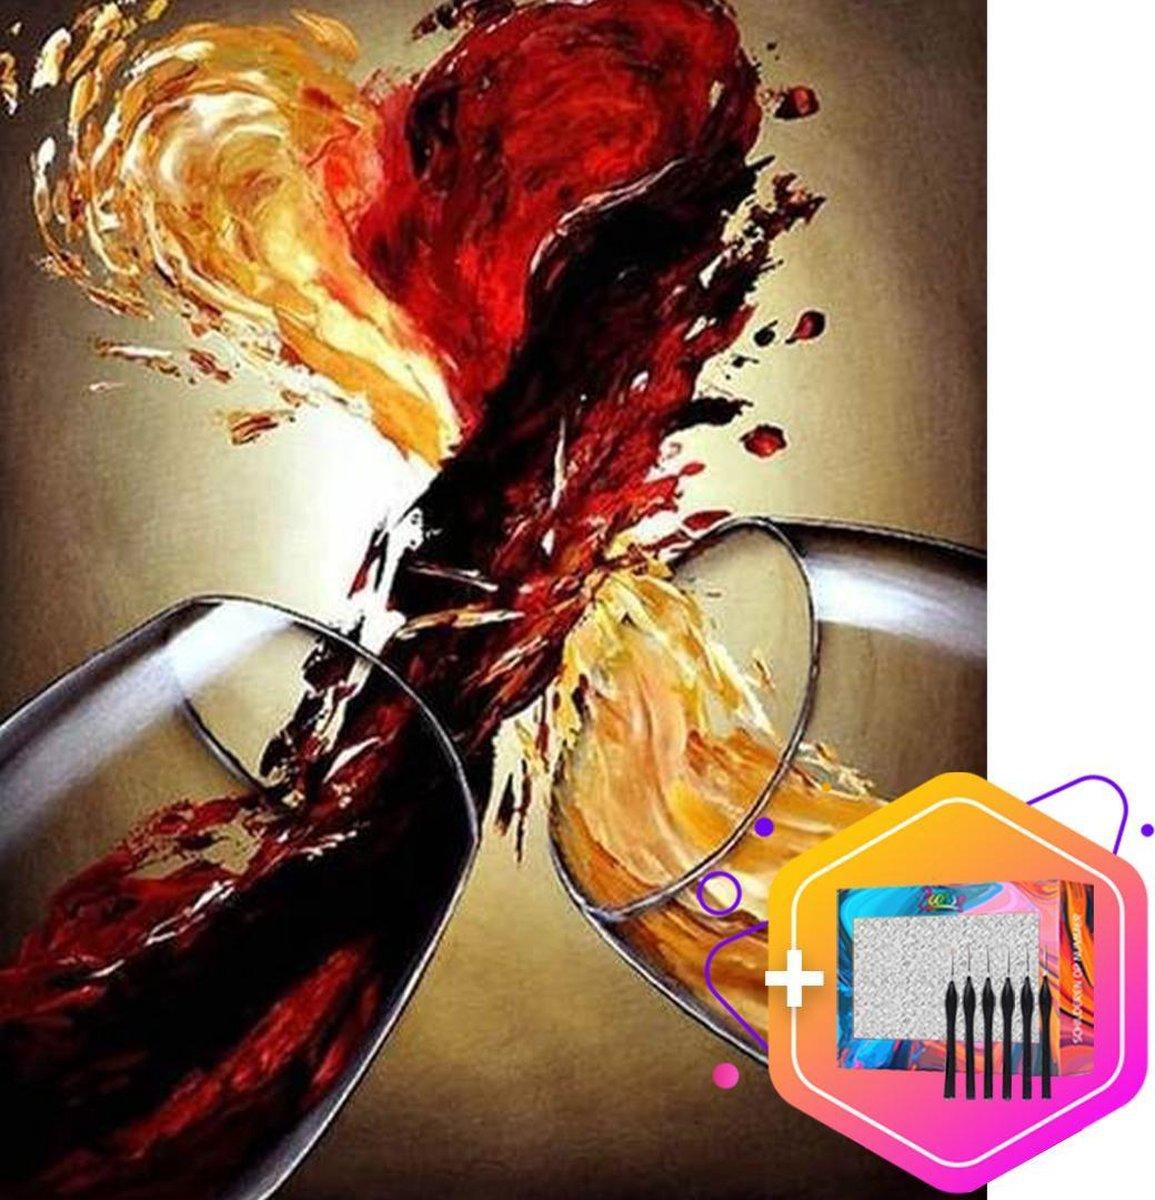 Pcasso ® Cheers - Schilderen Op Nummer - Incl. 6 Ergonomische Penselen & Geschenkverpakking - Schilderen Op Nummer Volwassenen - Schilderen Op Nummer Dieren - Kleuren Op Nummer - 40x50 cm - Professionele 26-Delige Set